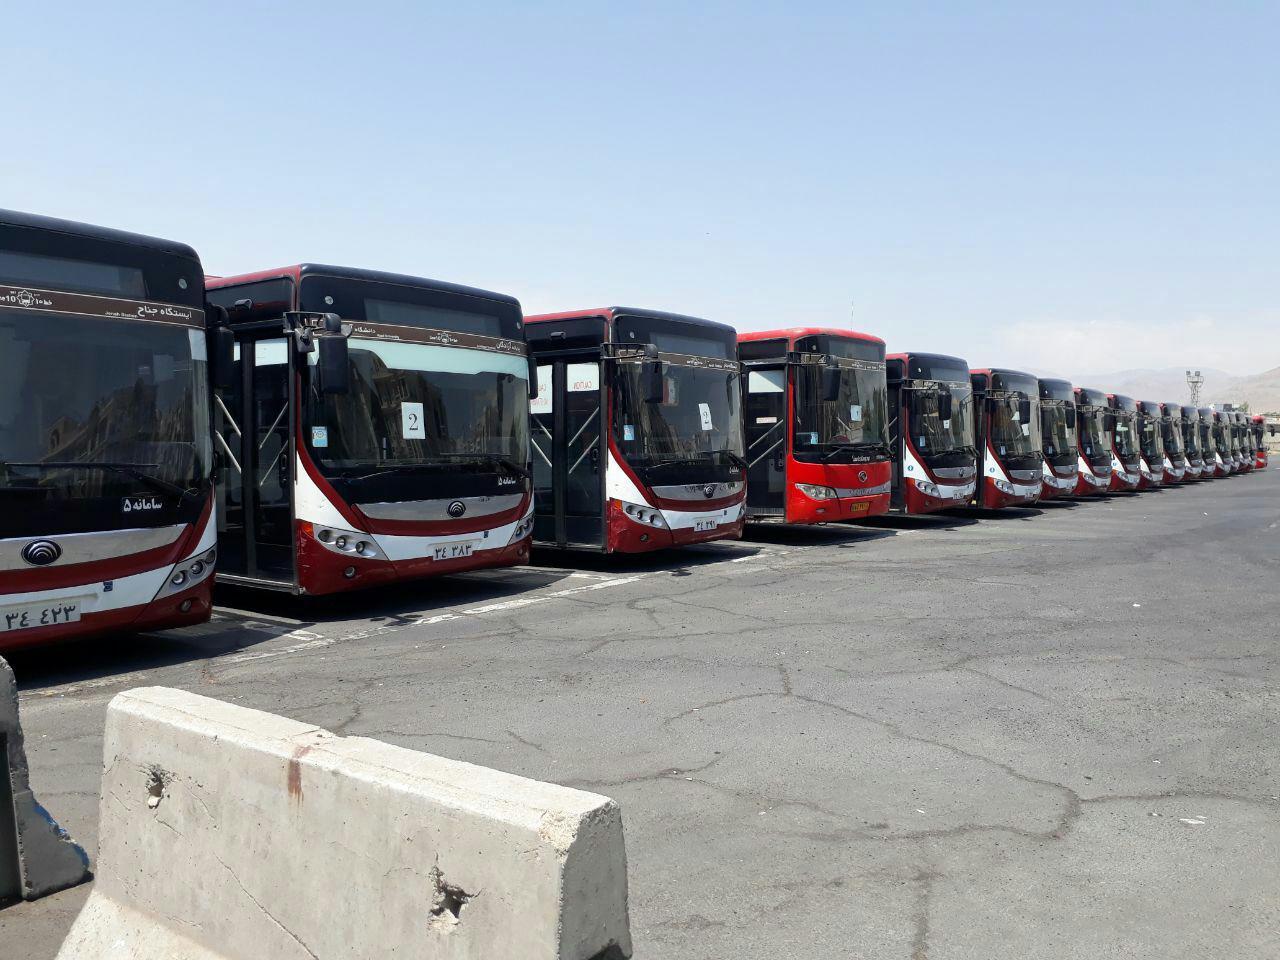 زمینگیرشدن اتوبوسهای شرکت واحد به دلیل کمبود باتریزمان مطالعه: ۱ دقیقه